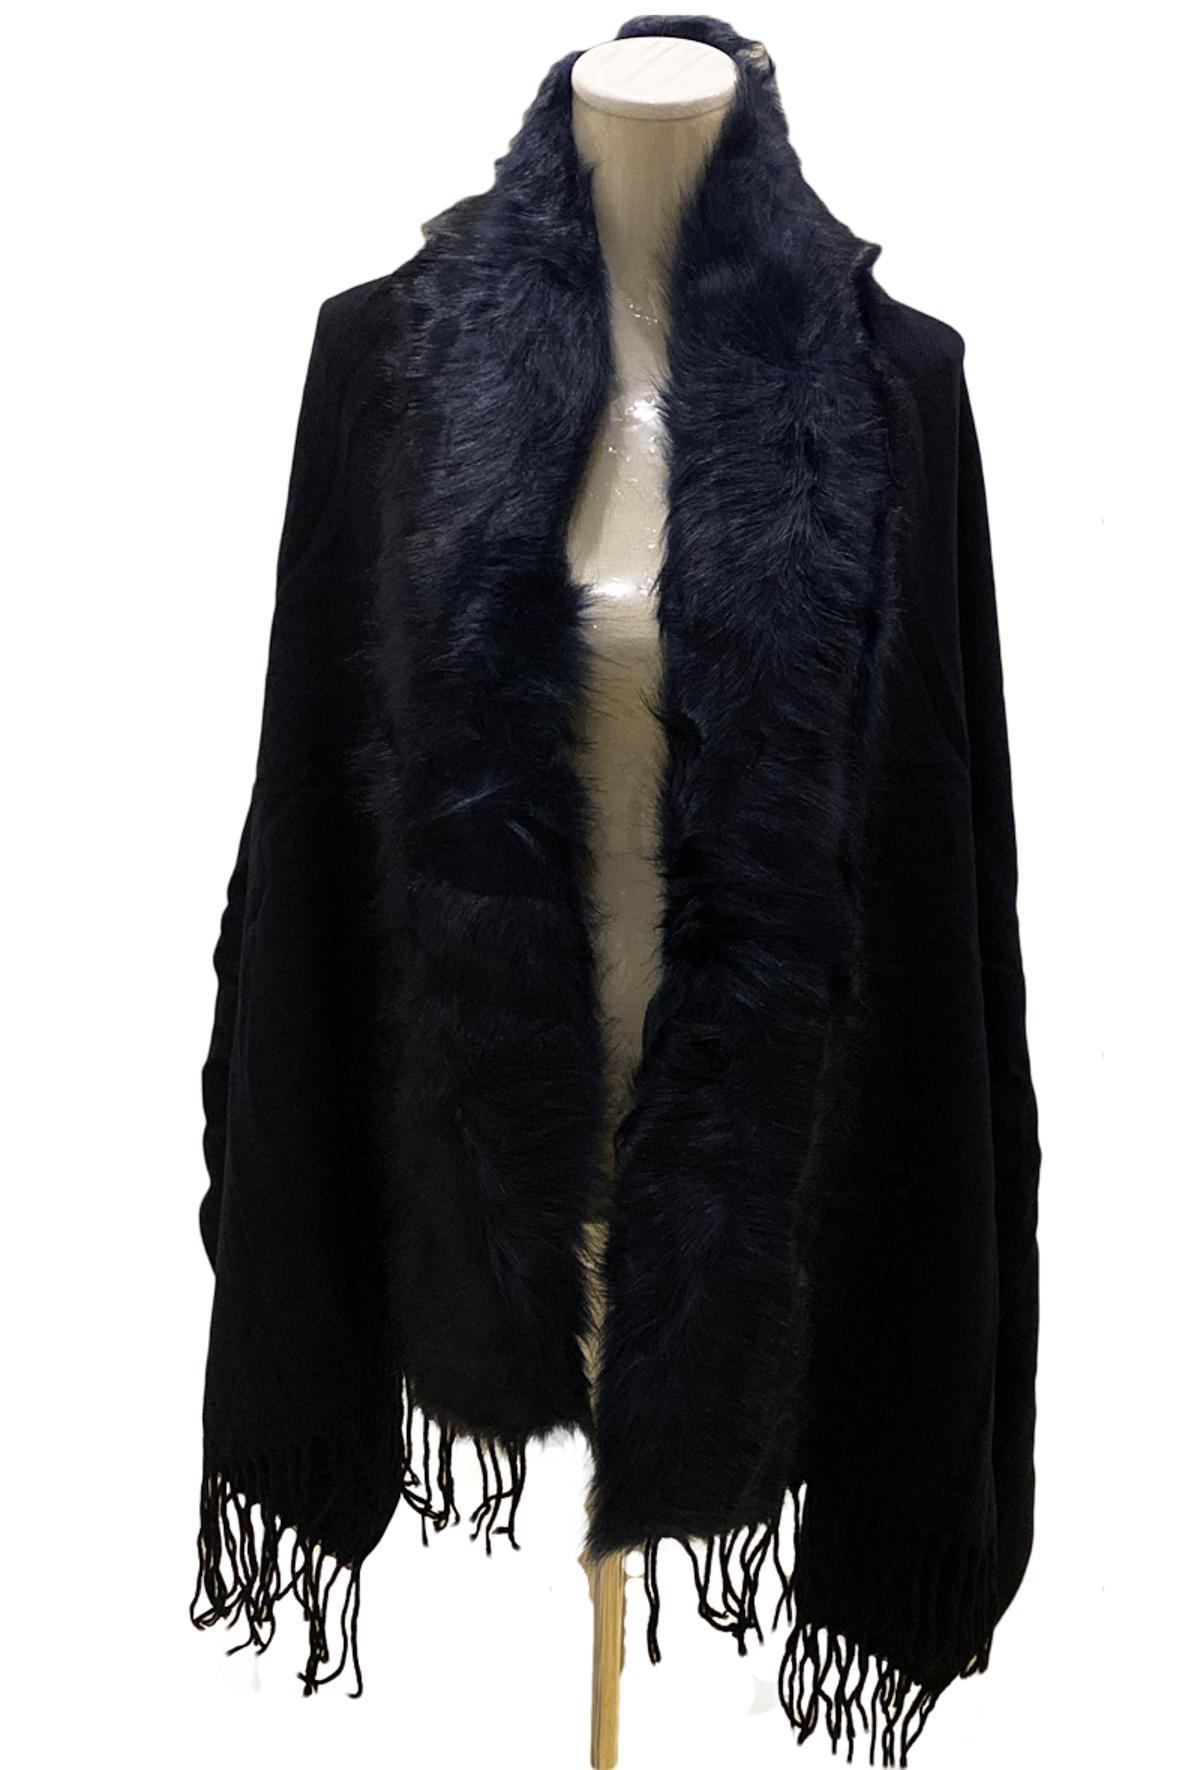 Gilets Femme Bleu E&T Accessoires H16-1021 #c eFashion Paris